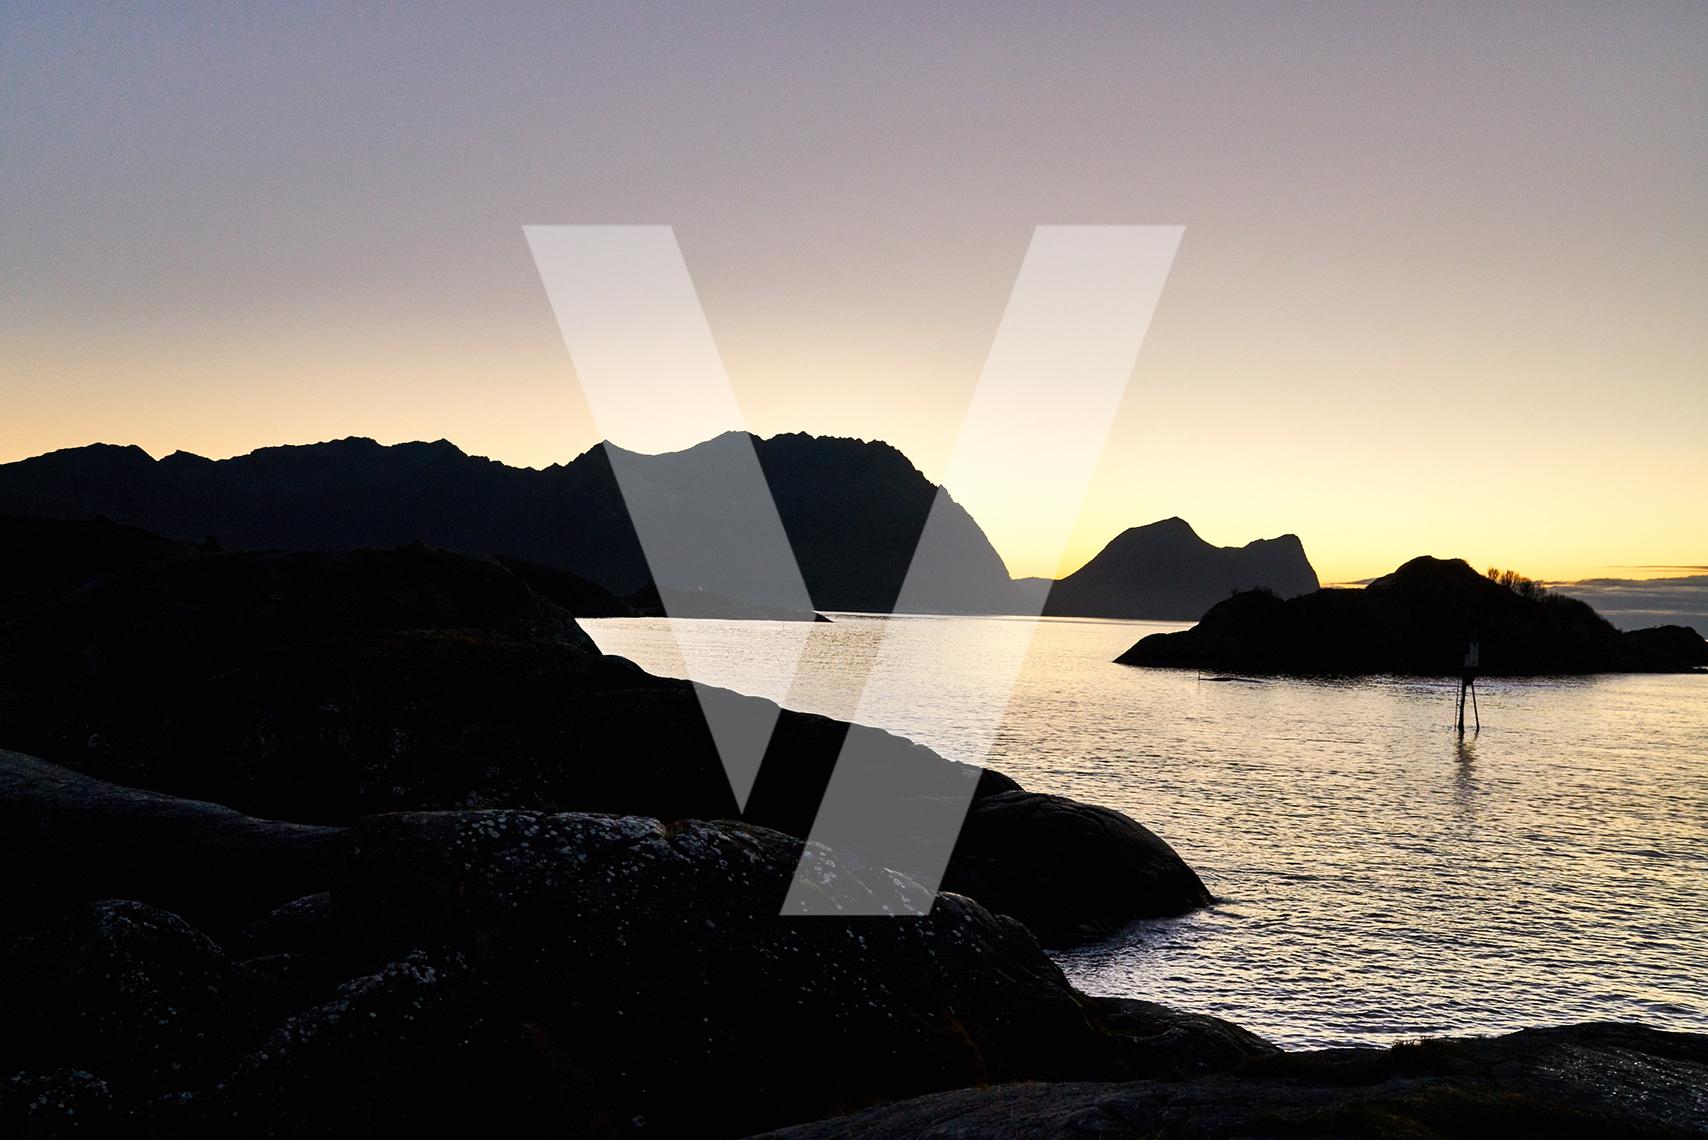 V_Cover_Image